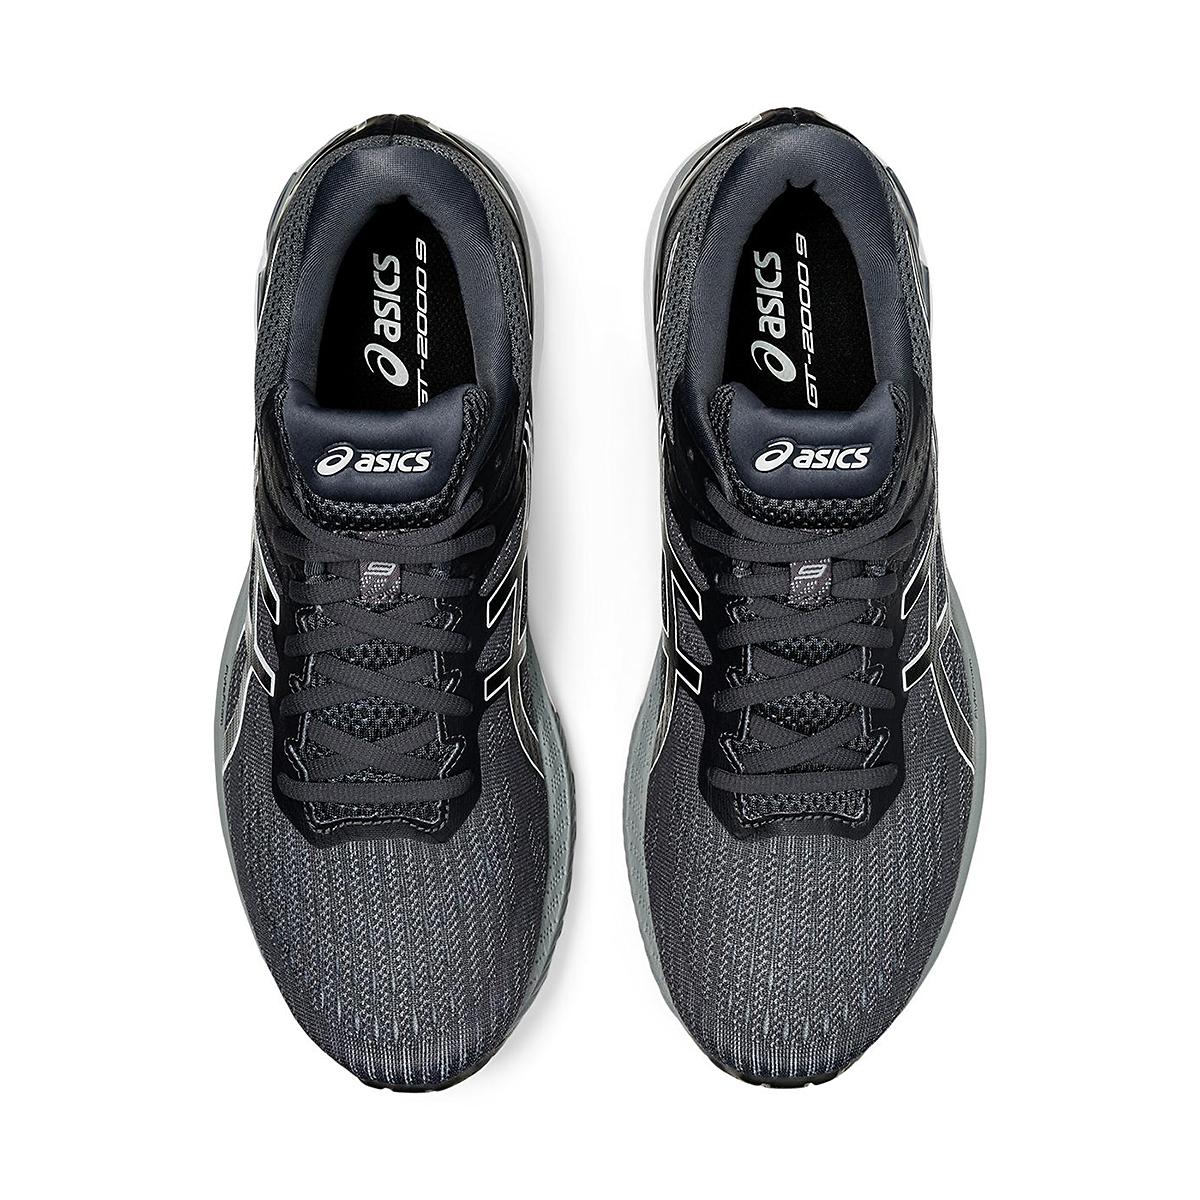 Men's Asics Gt-2000 9 Running Shoe - Color: Carrier Grey/Black - Size: 11 - Width: Regular, Carrier Grey/Black, large, image 3